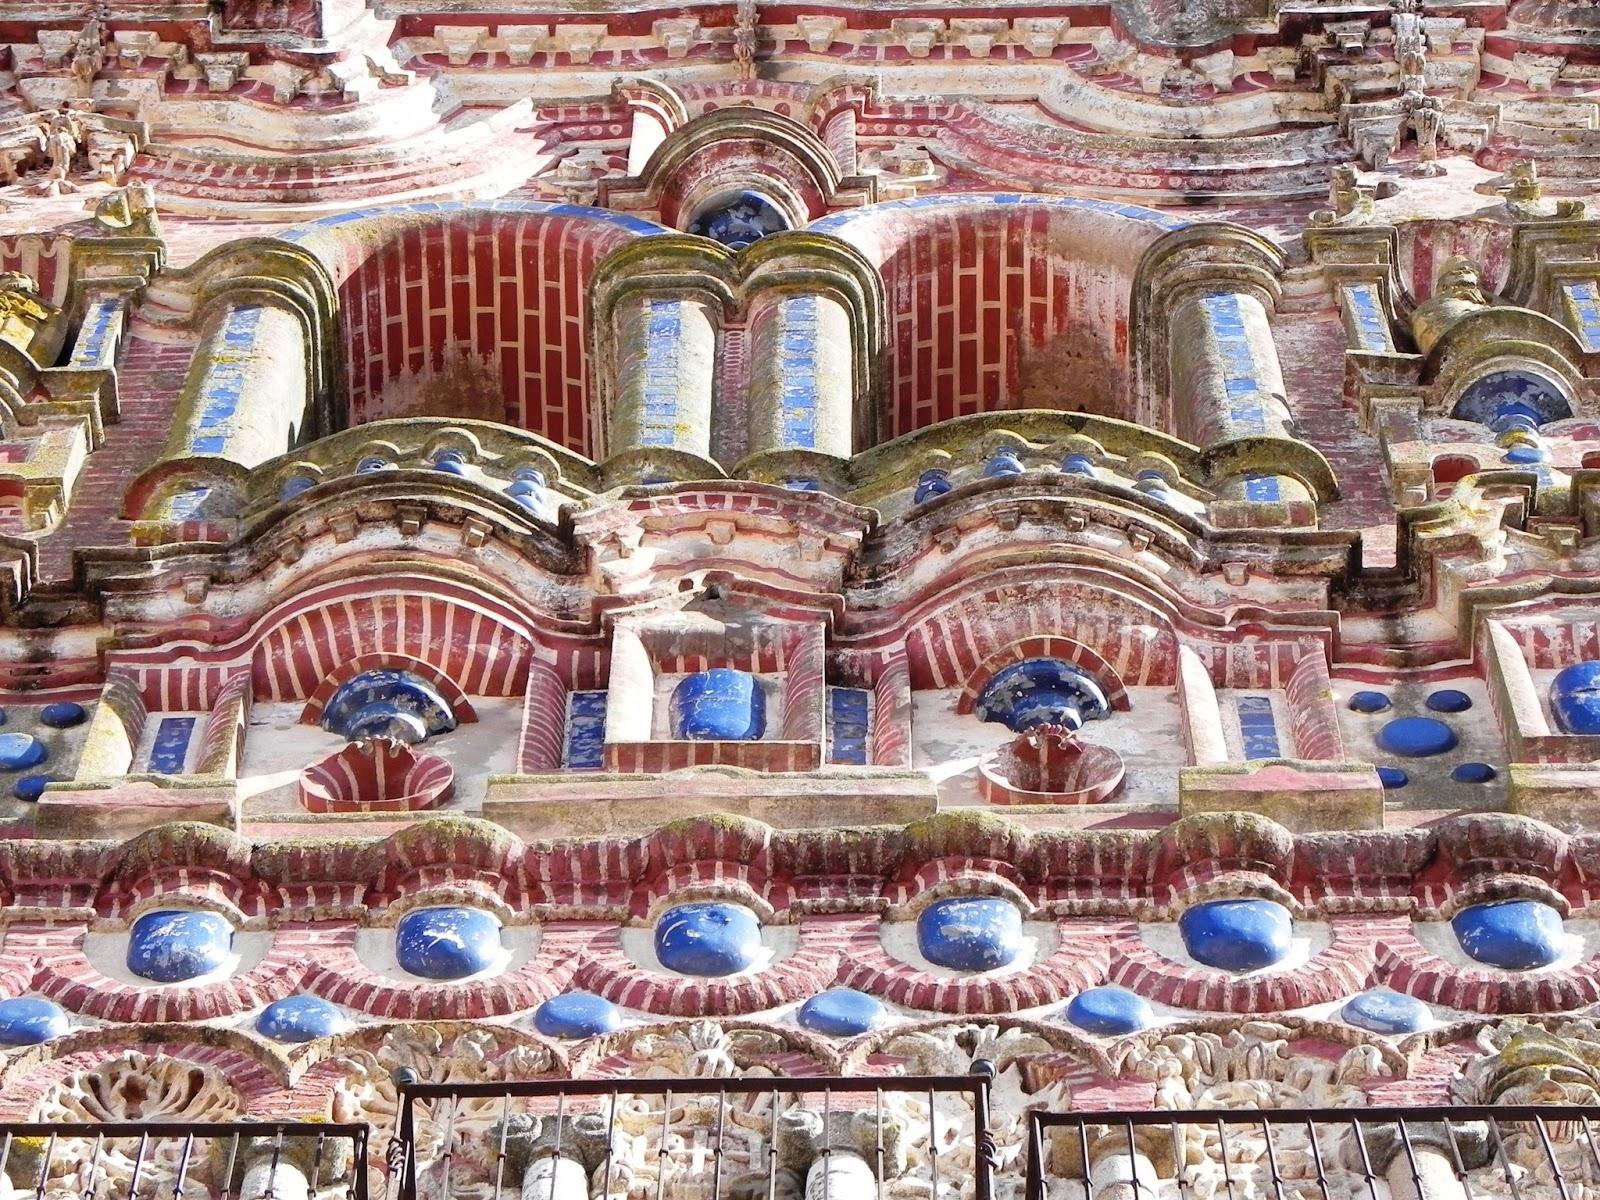 La casa del temple en jerez de los caballeros jerez de for Muebles iglesias zafra